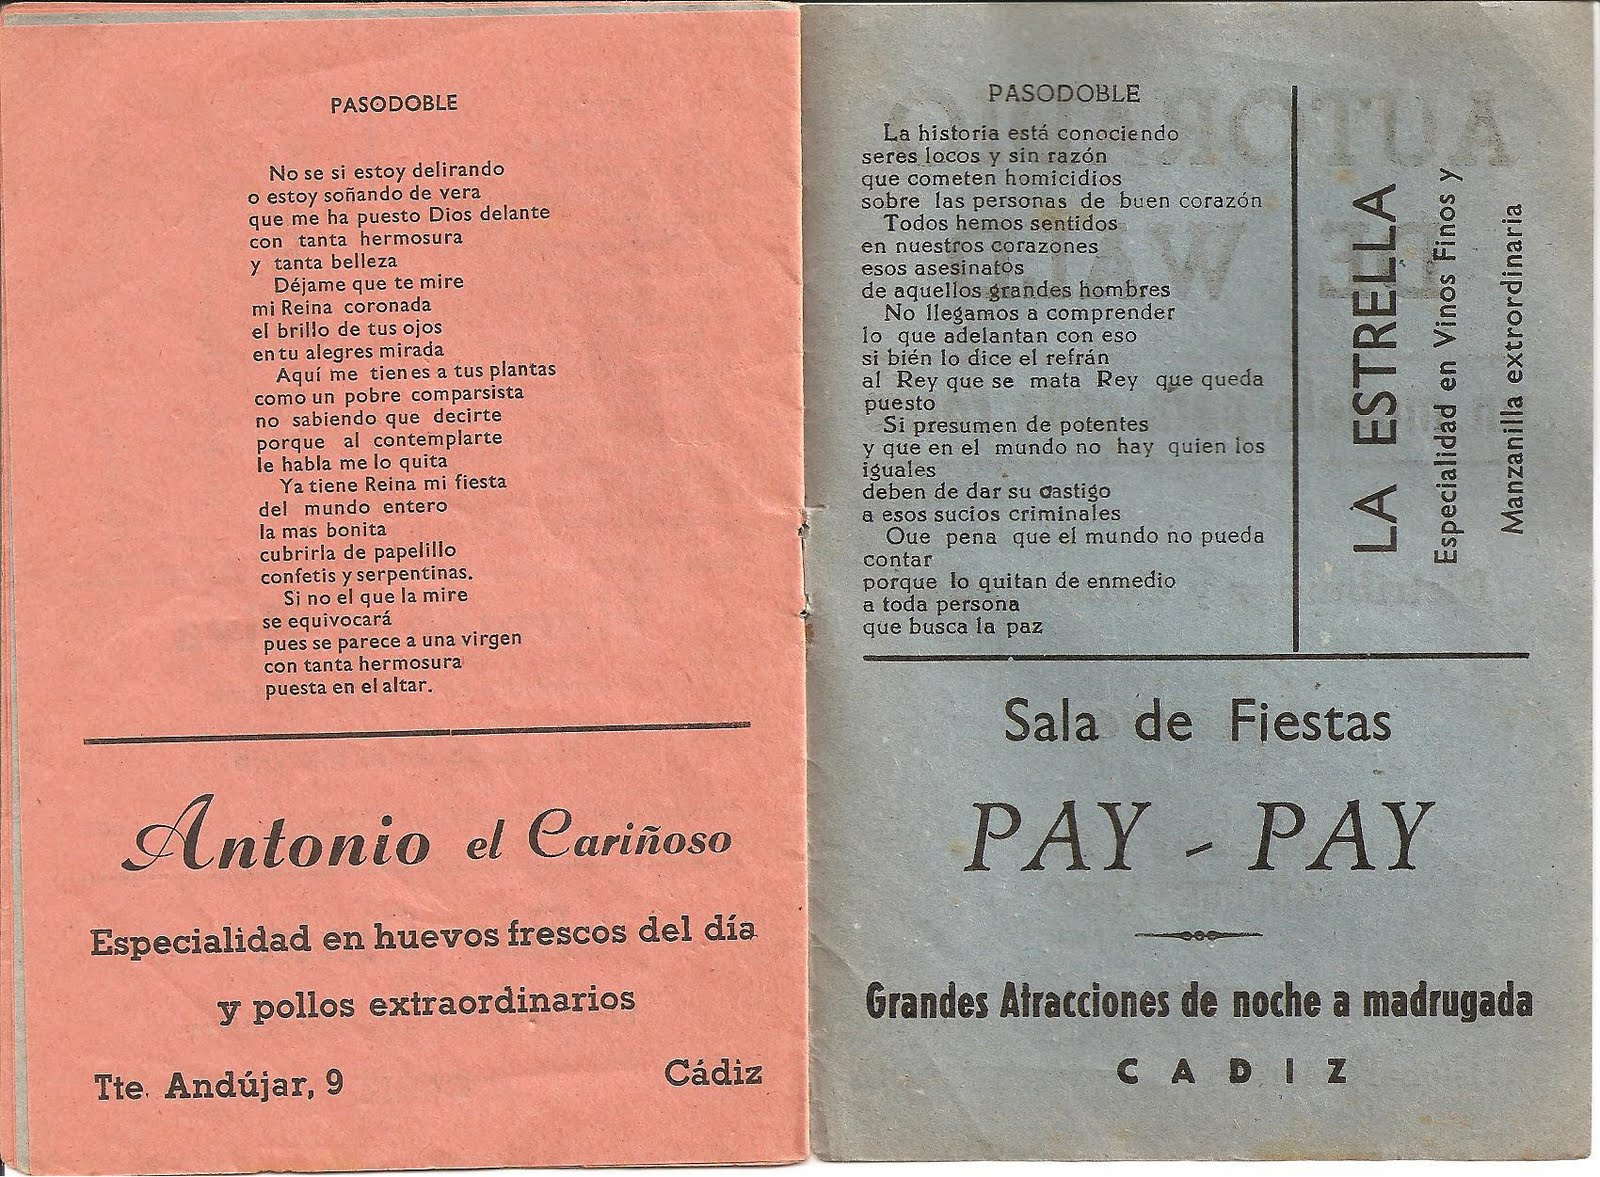 Mis libretos de carnaval mayo 2010 - Muebles gil martin ...